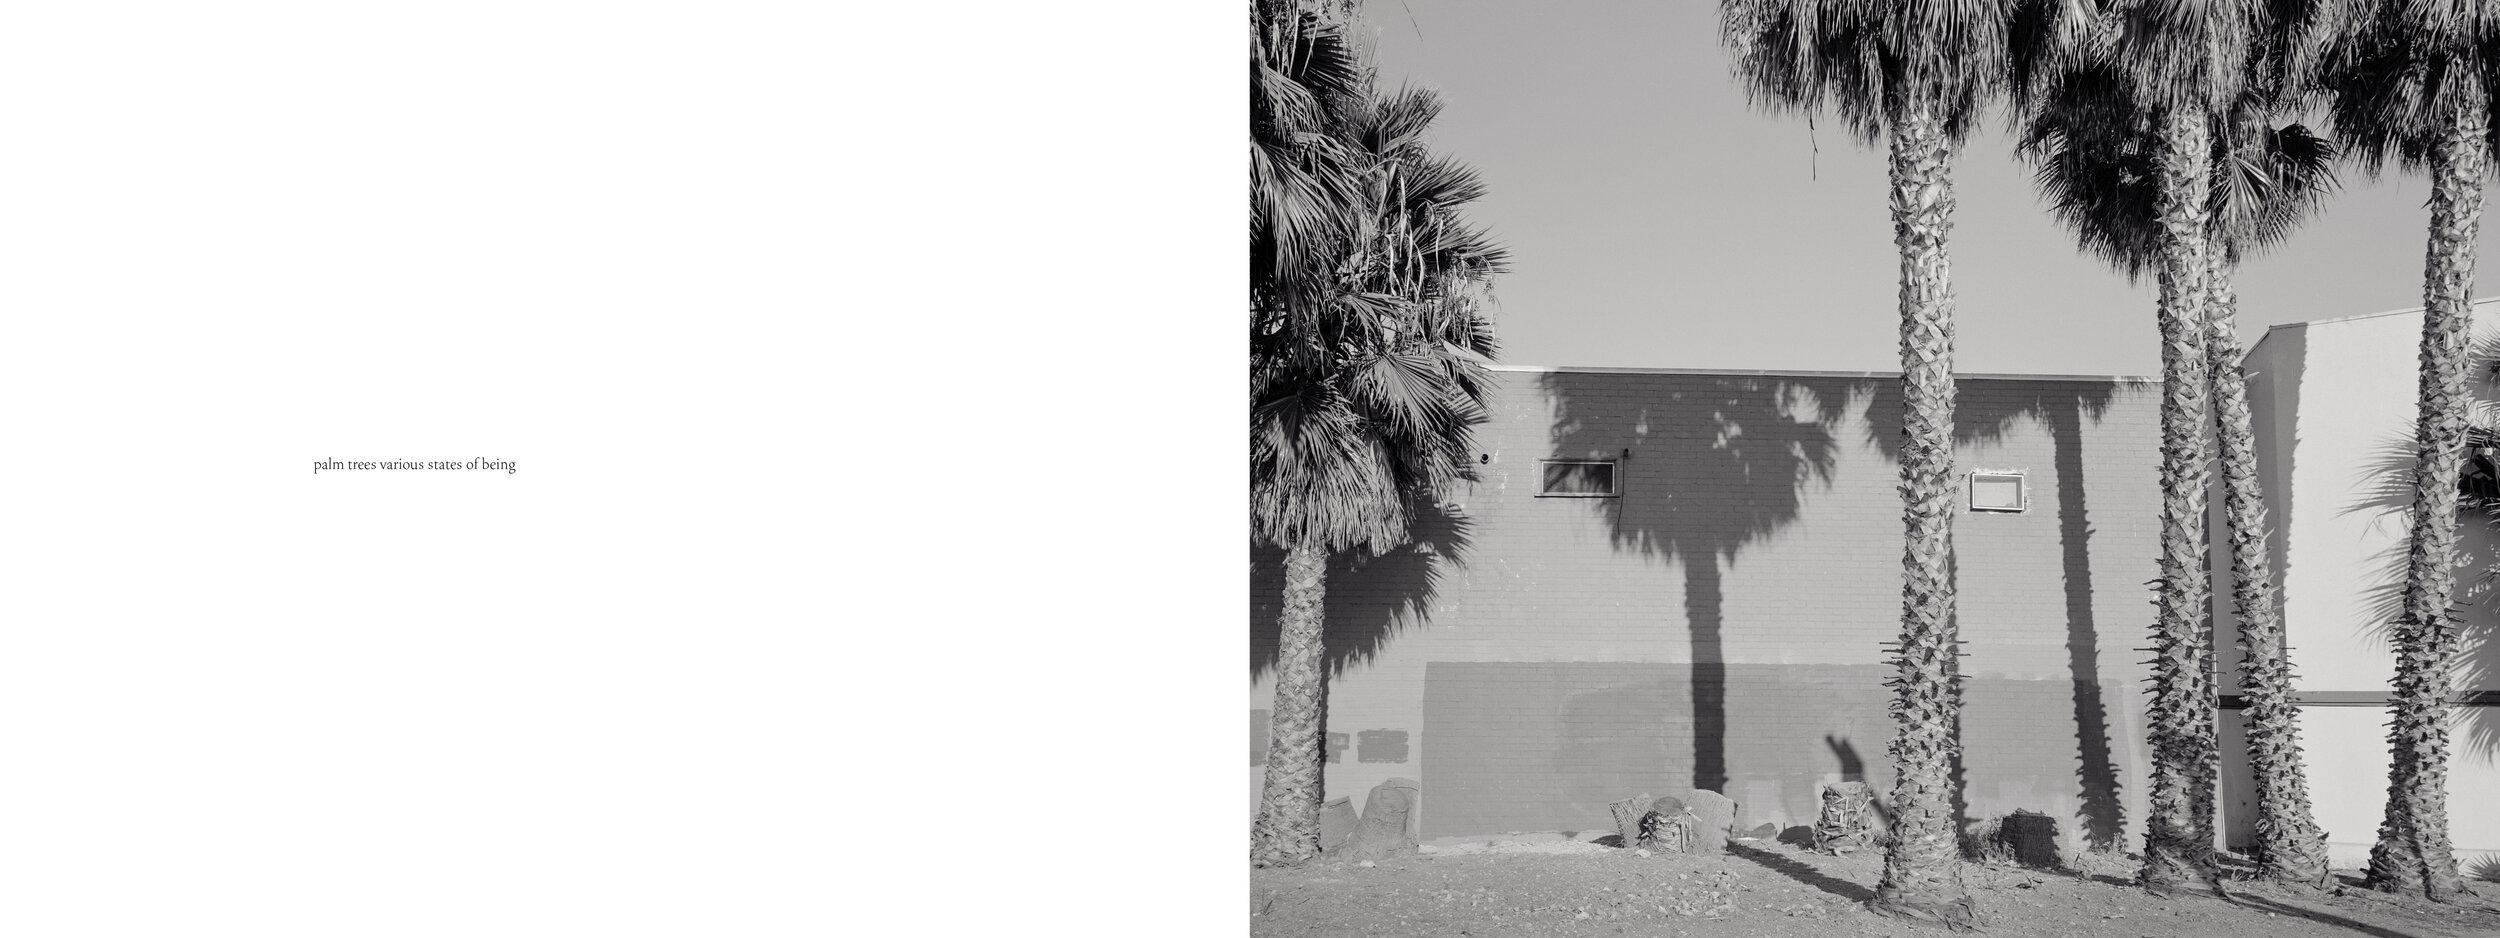 Peterson_Los_Angeles_7.jpg